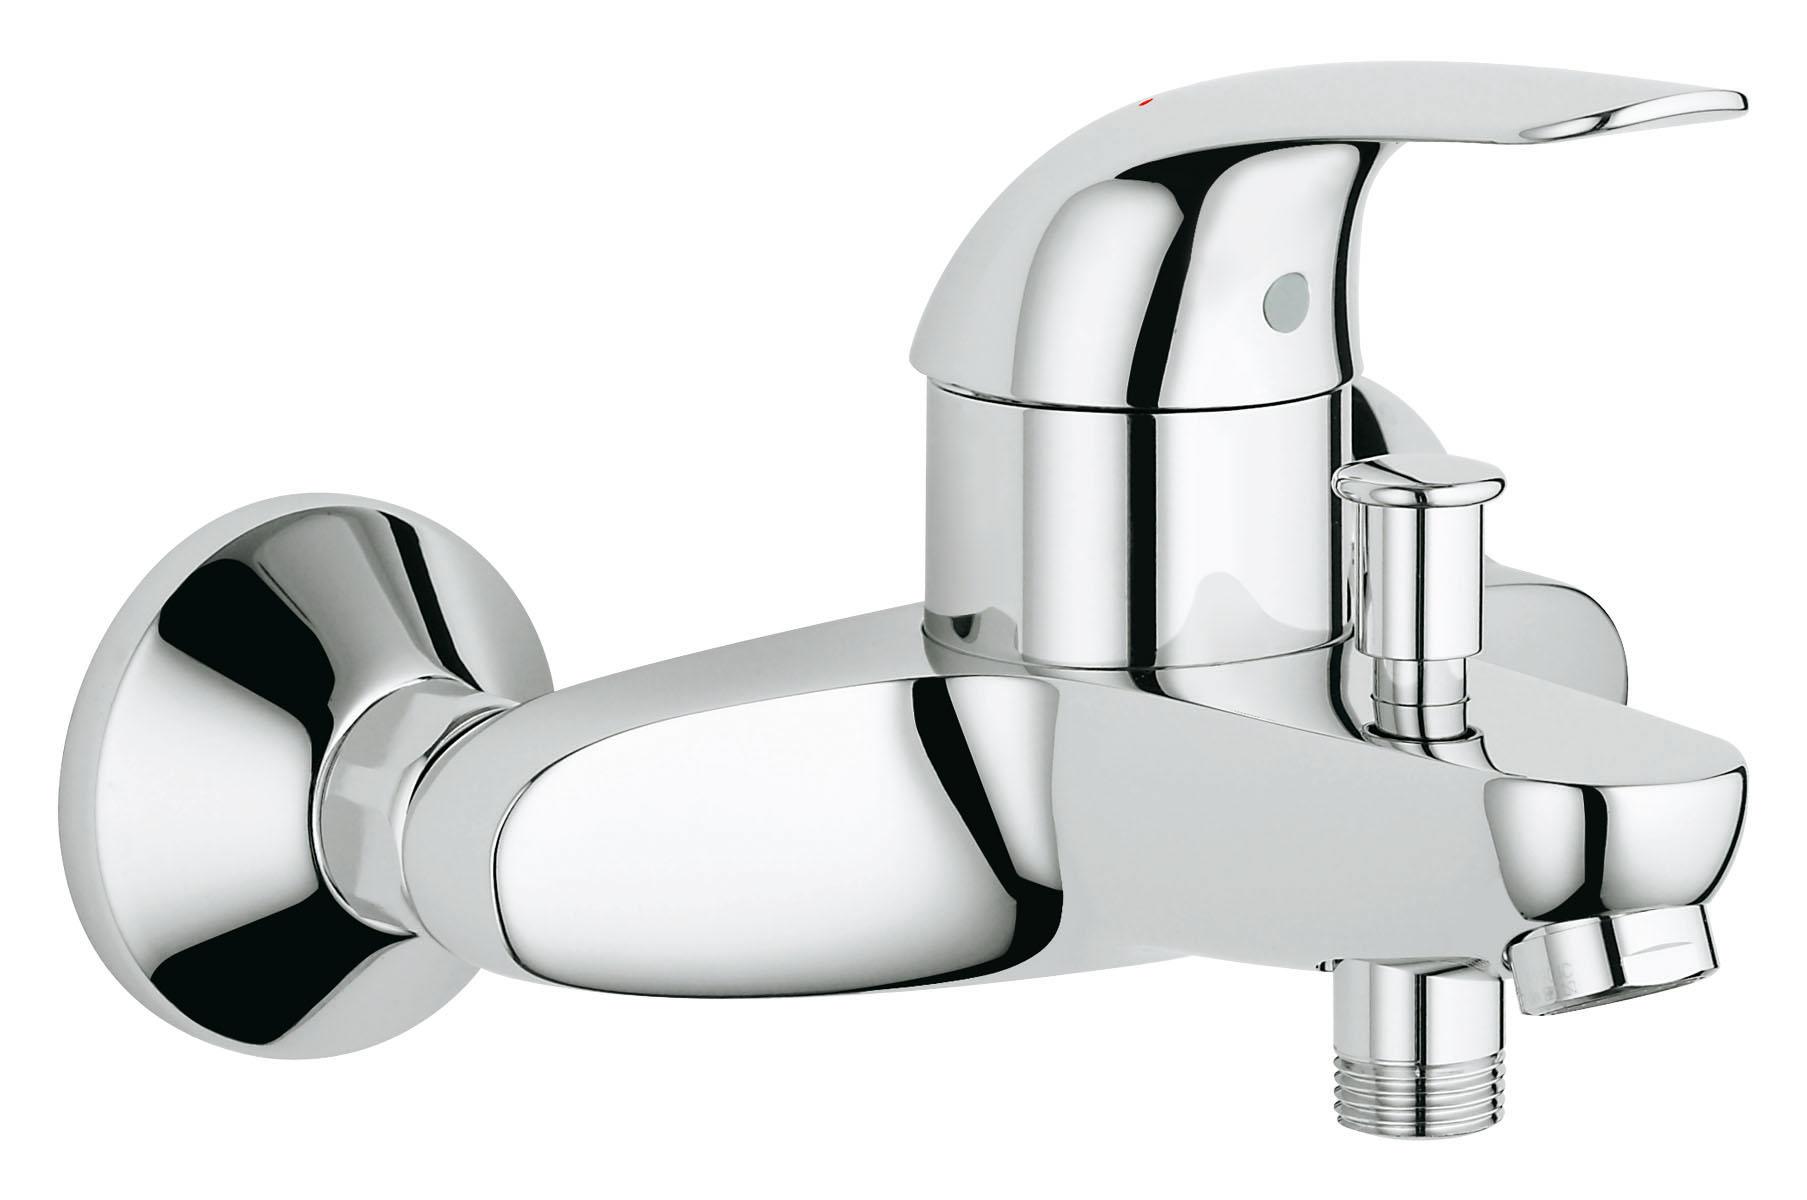 Настенный монтаж  Металлический рычаг  GROHE SilkMove керамический картридж O 46 мм  GROHE StarLight хромированная поверхность   Автоматический переключатель: ванна/душ  Встроенный обратный клапан в душевом отводе 1/2?  Аэратор  Скрытые S-образные эксцентрики  Отражатели из металла  Дополнительный ограничитель температуры (46 308 000)  С защитой от обратного потока  Класс шума I по DIN 4109     Видео по установке является исключительно информационным. Установка должна проводиться профессионалами!